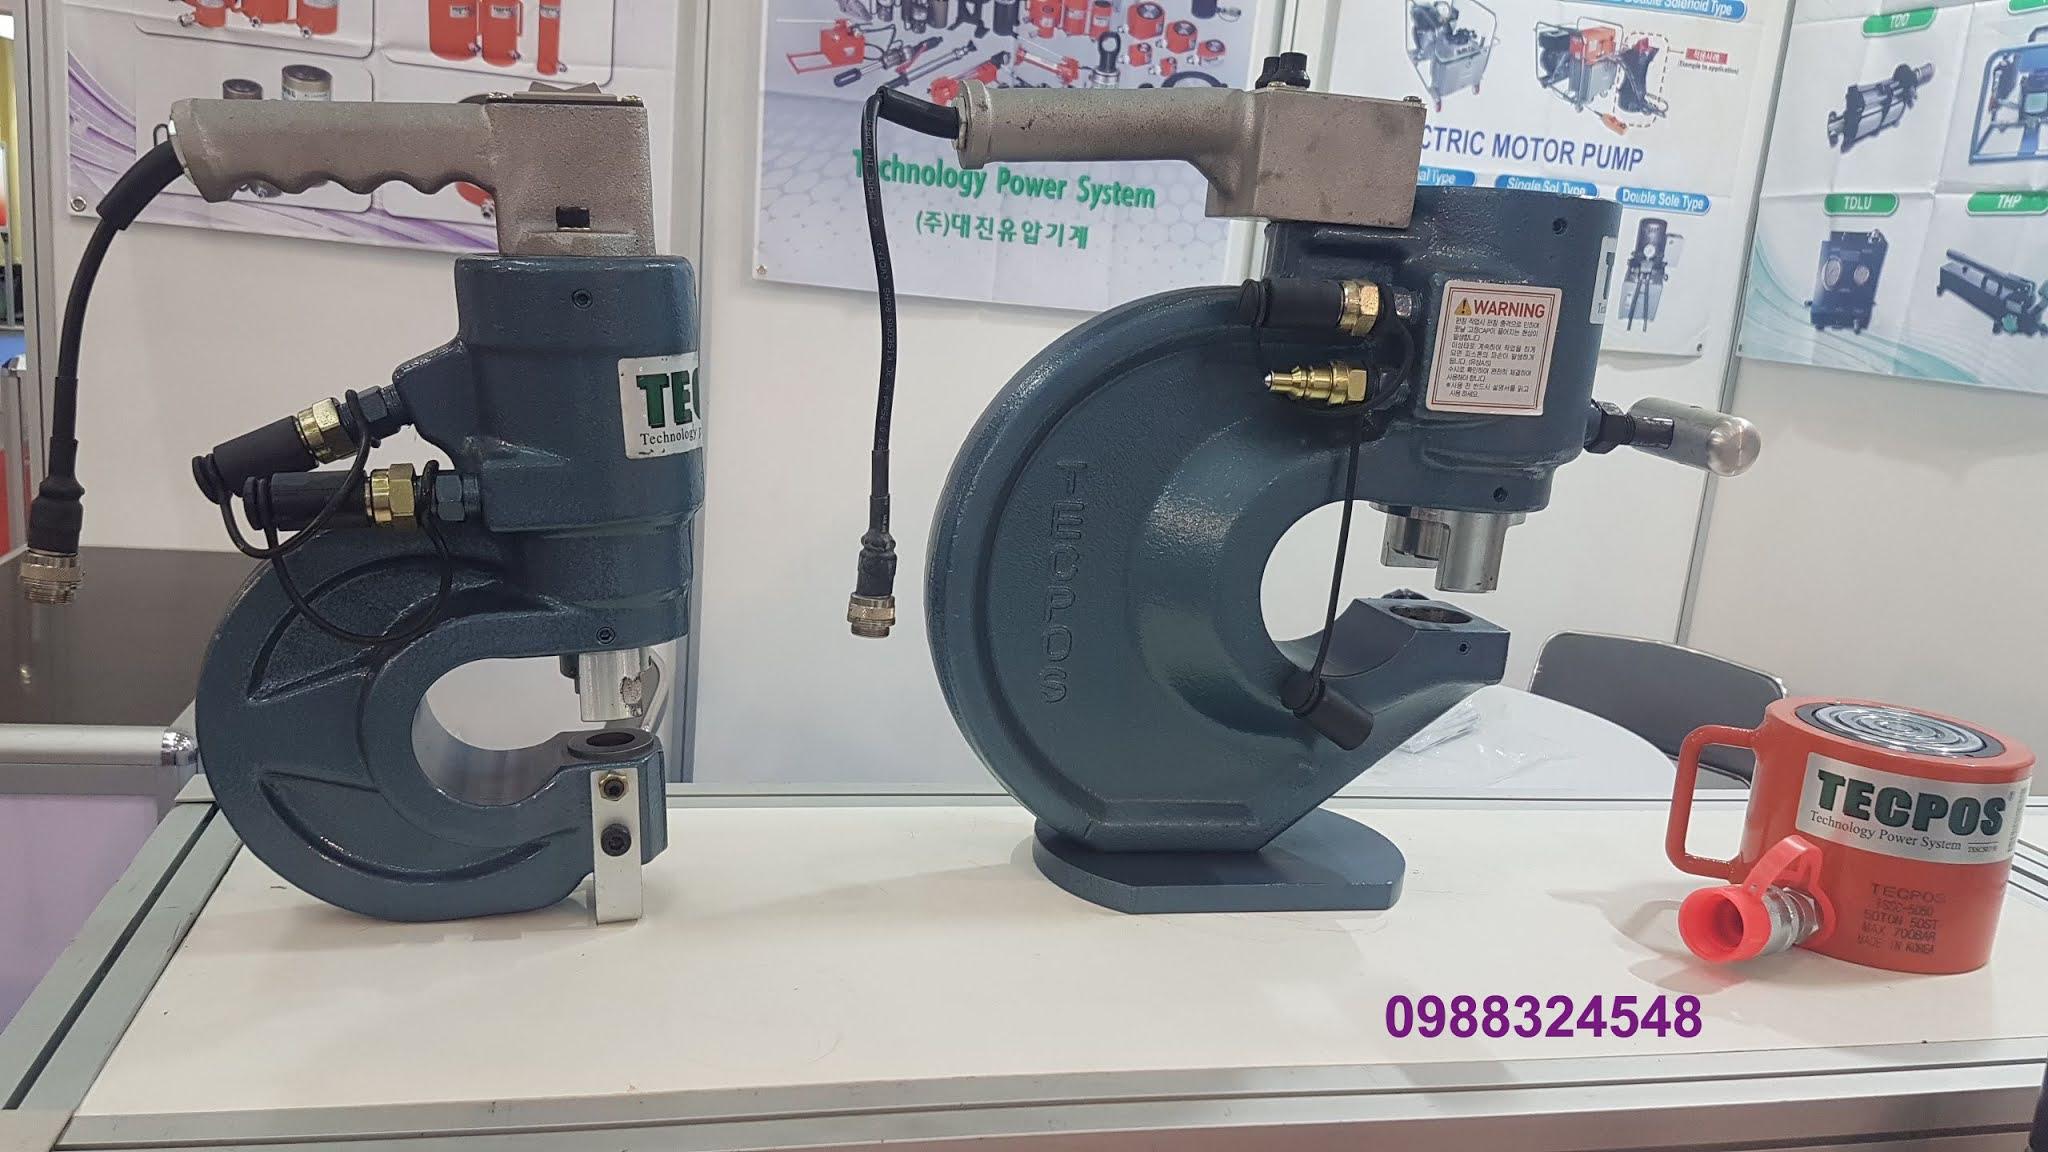 Kích thủy lực Tecpos 50 tấn TSSC-5050, hành trình 50mm